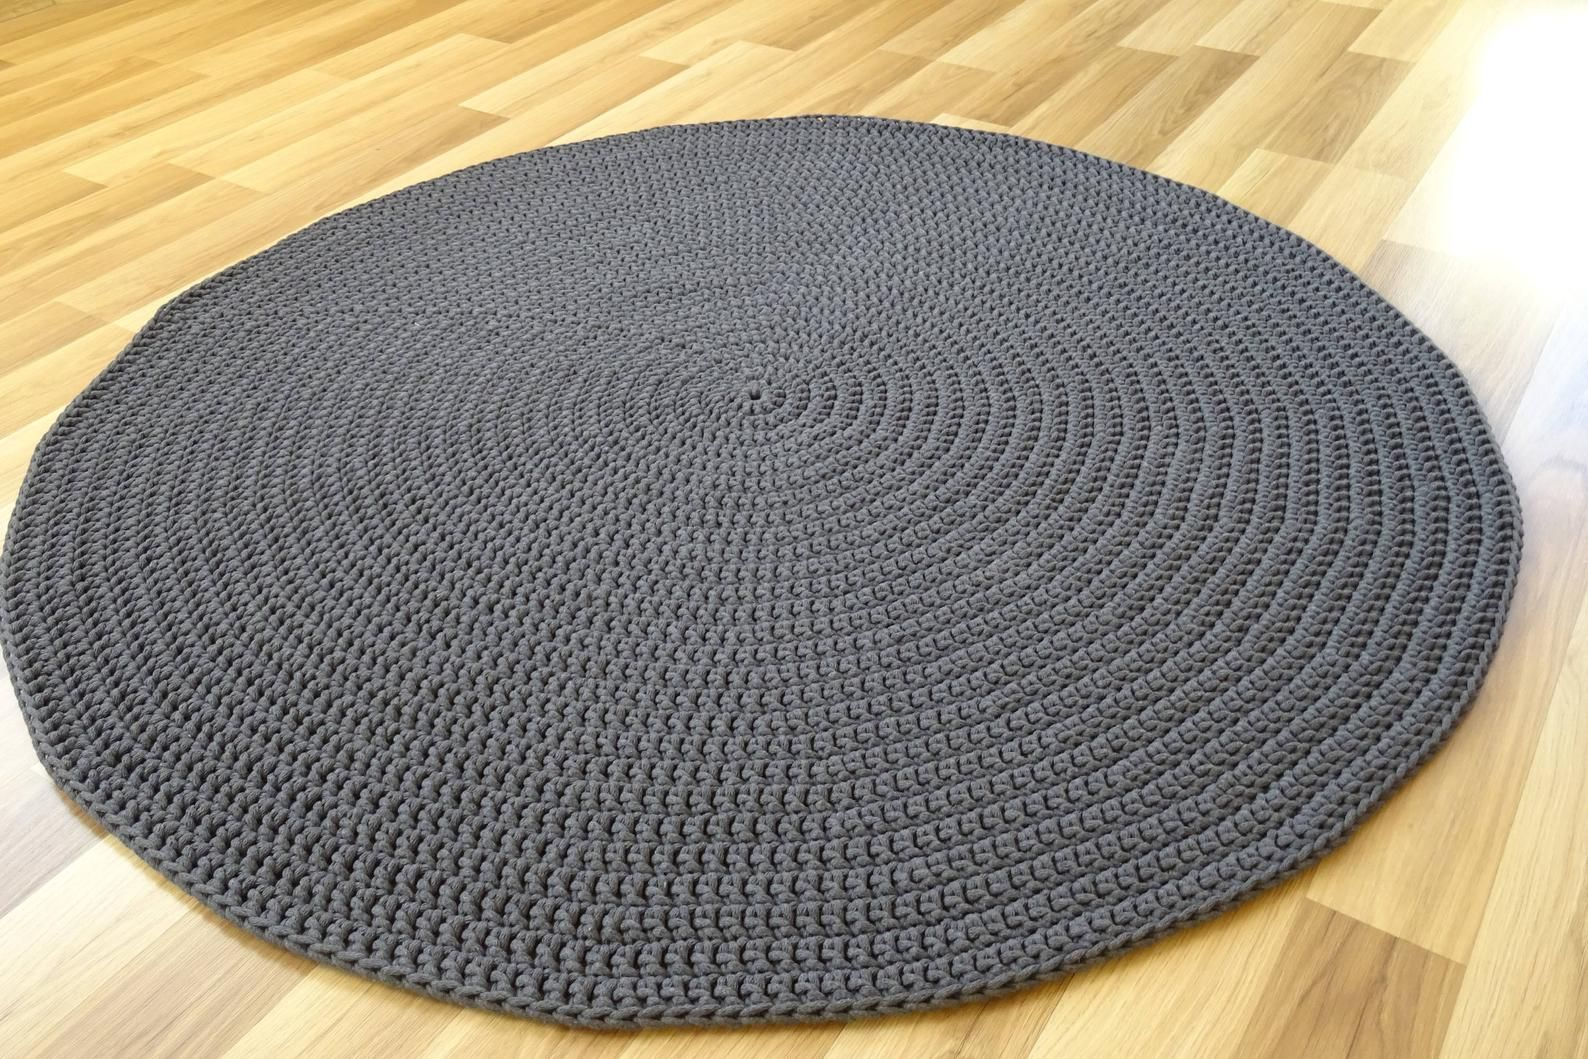 Scandinavian Rug Grey Modern Rug Nursery Rug Gray Round Crochet Rug Tapis Vloerkleed Alfombra Teppich Area Rug Soft Round Rug Scandinavian Rug Modern Rugs Grey Grey Rugs